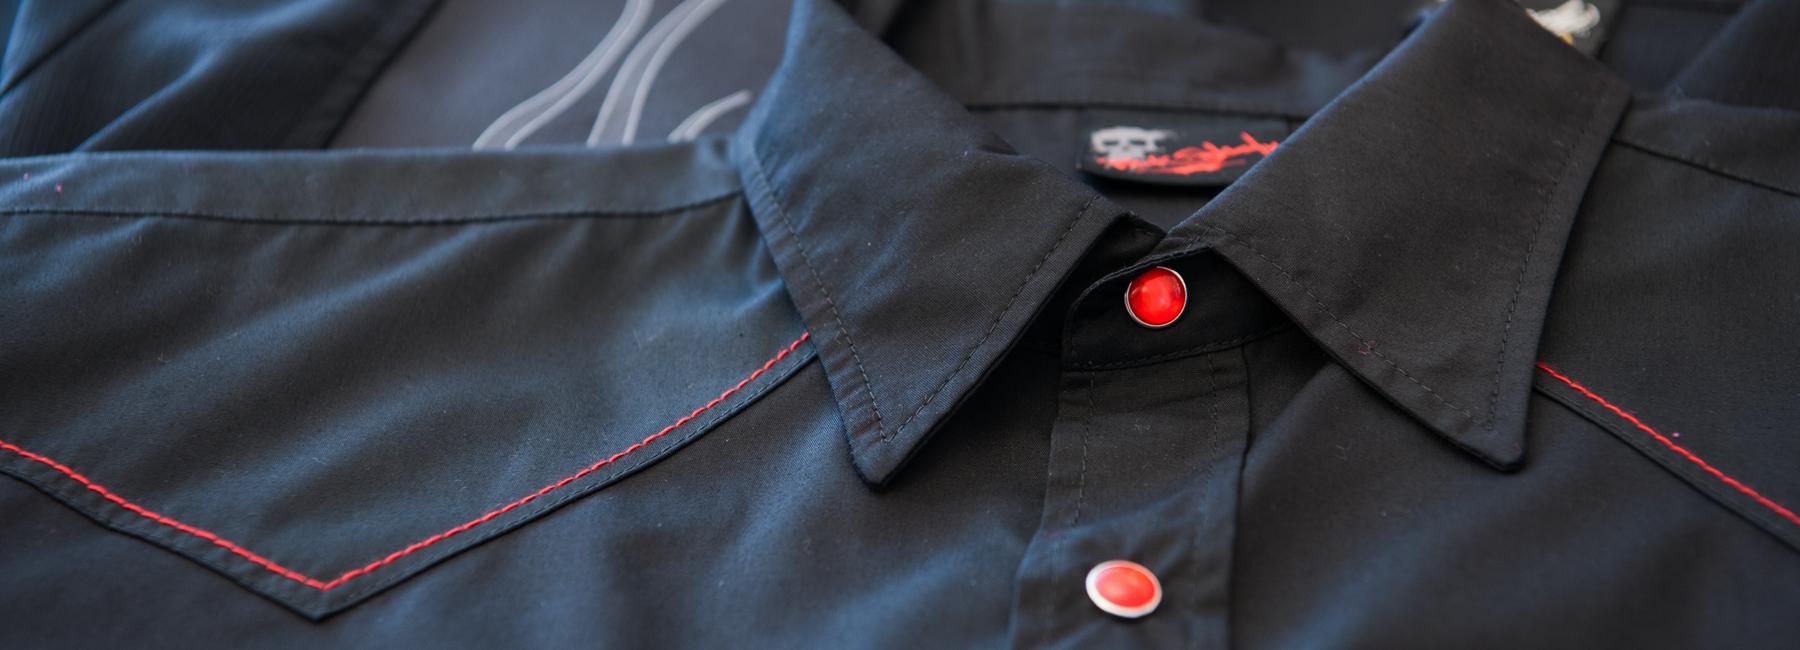 """Inspiriert von """"Grease"""" und anderen Klassikern im 50er Jahre Stil, lassen unsere Bowlinghemden und Westernhemden jeden Mann unheimlich cool dastehen. Ein Hoch auf die Rockabilly-Mode – denn da ist Musik drin!"""